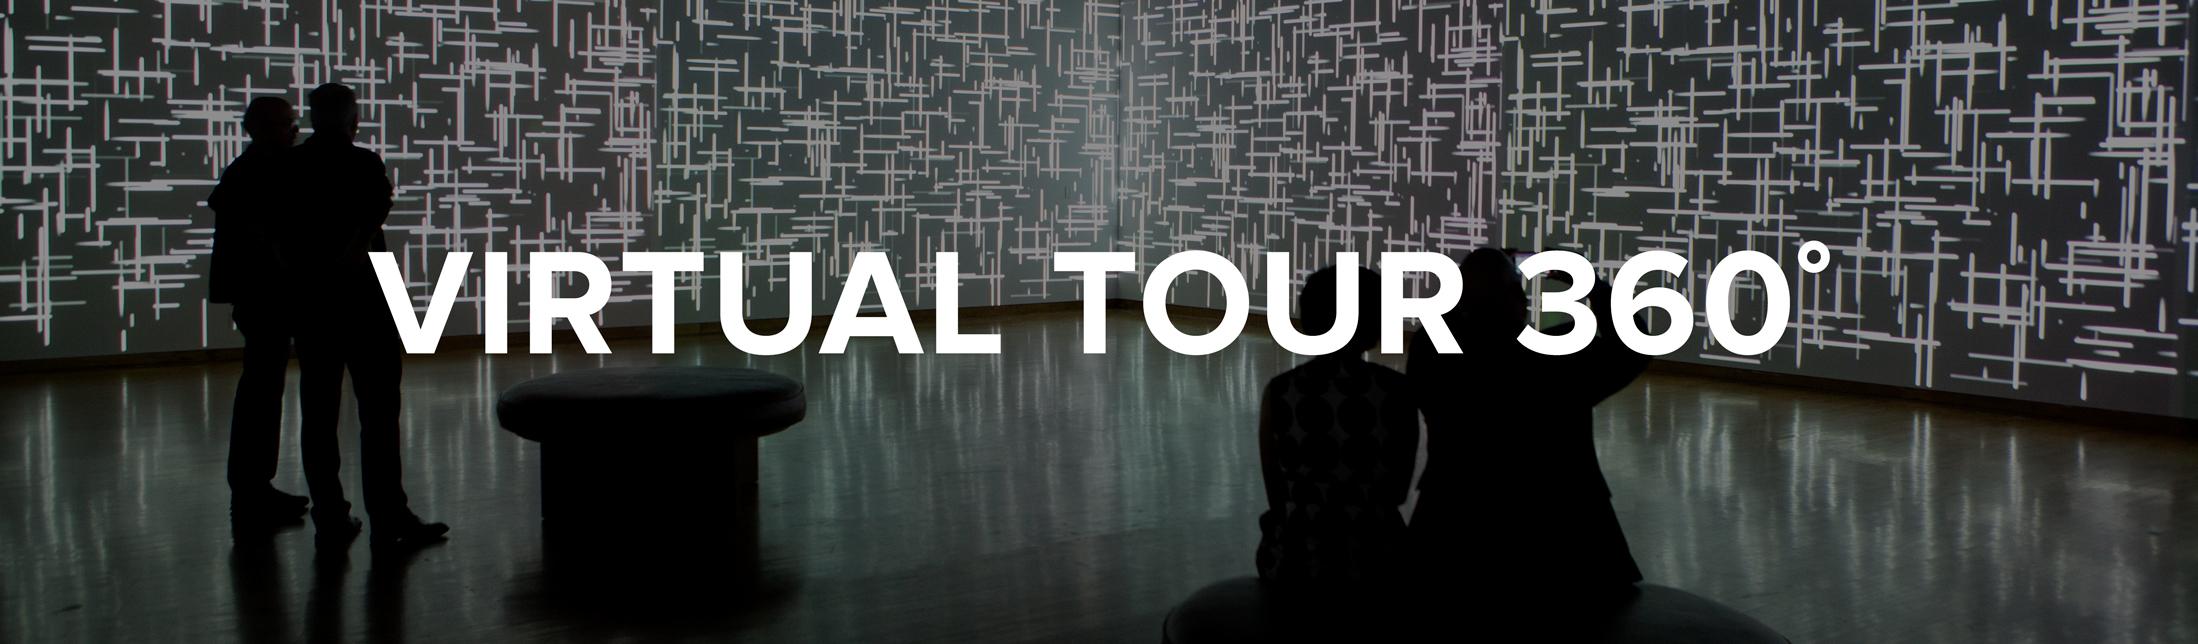 VIRTUAL-TOUR-360-WEB.jpg